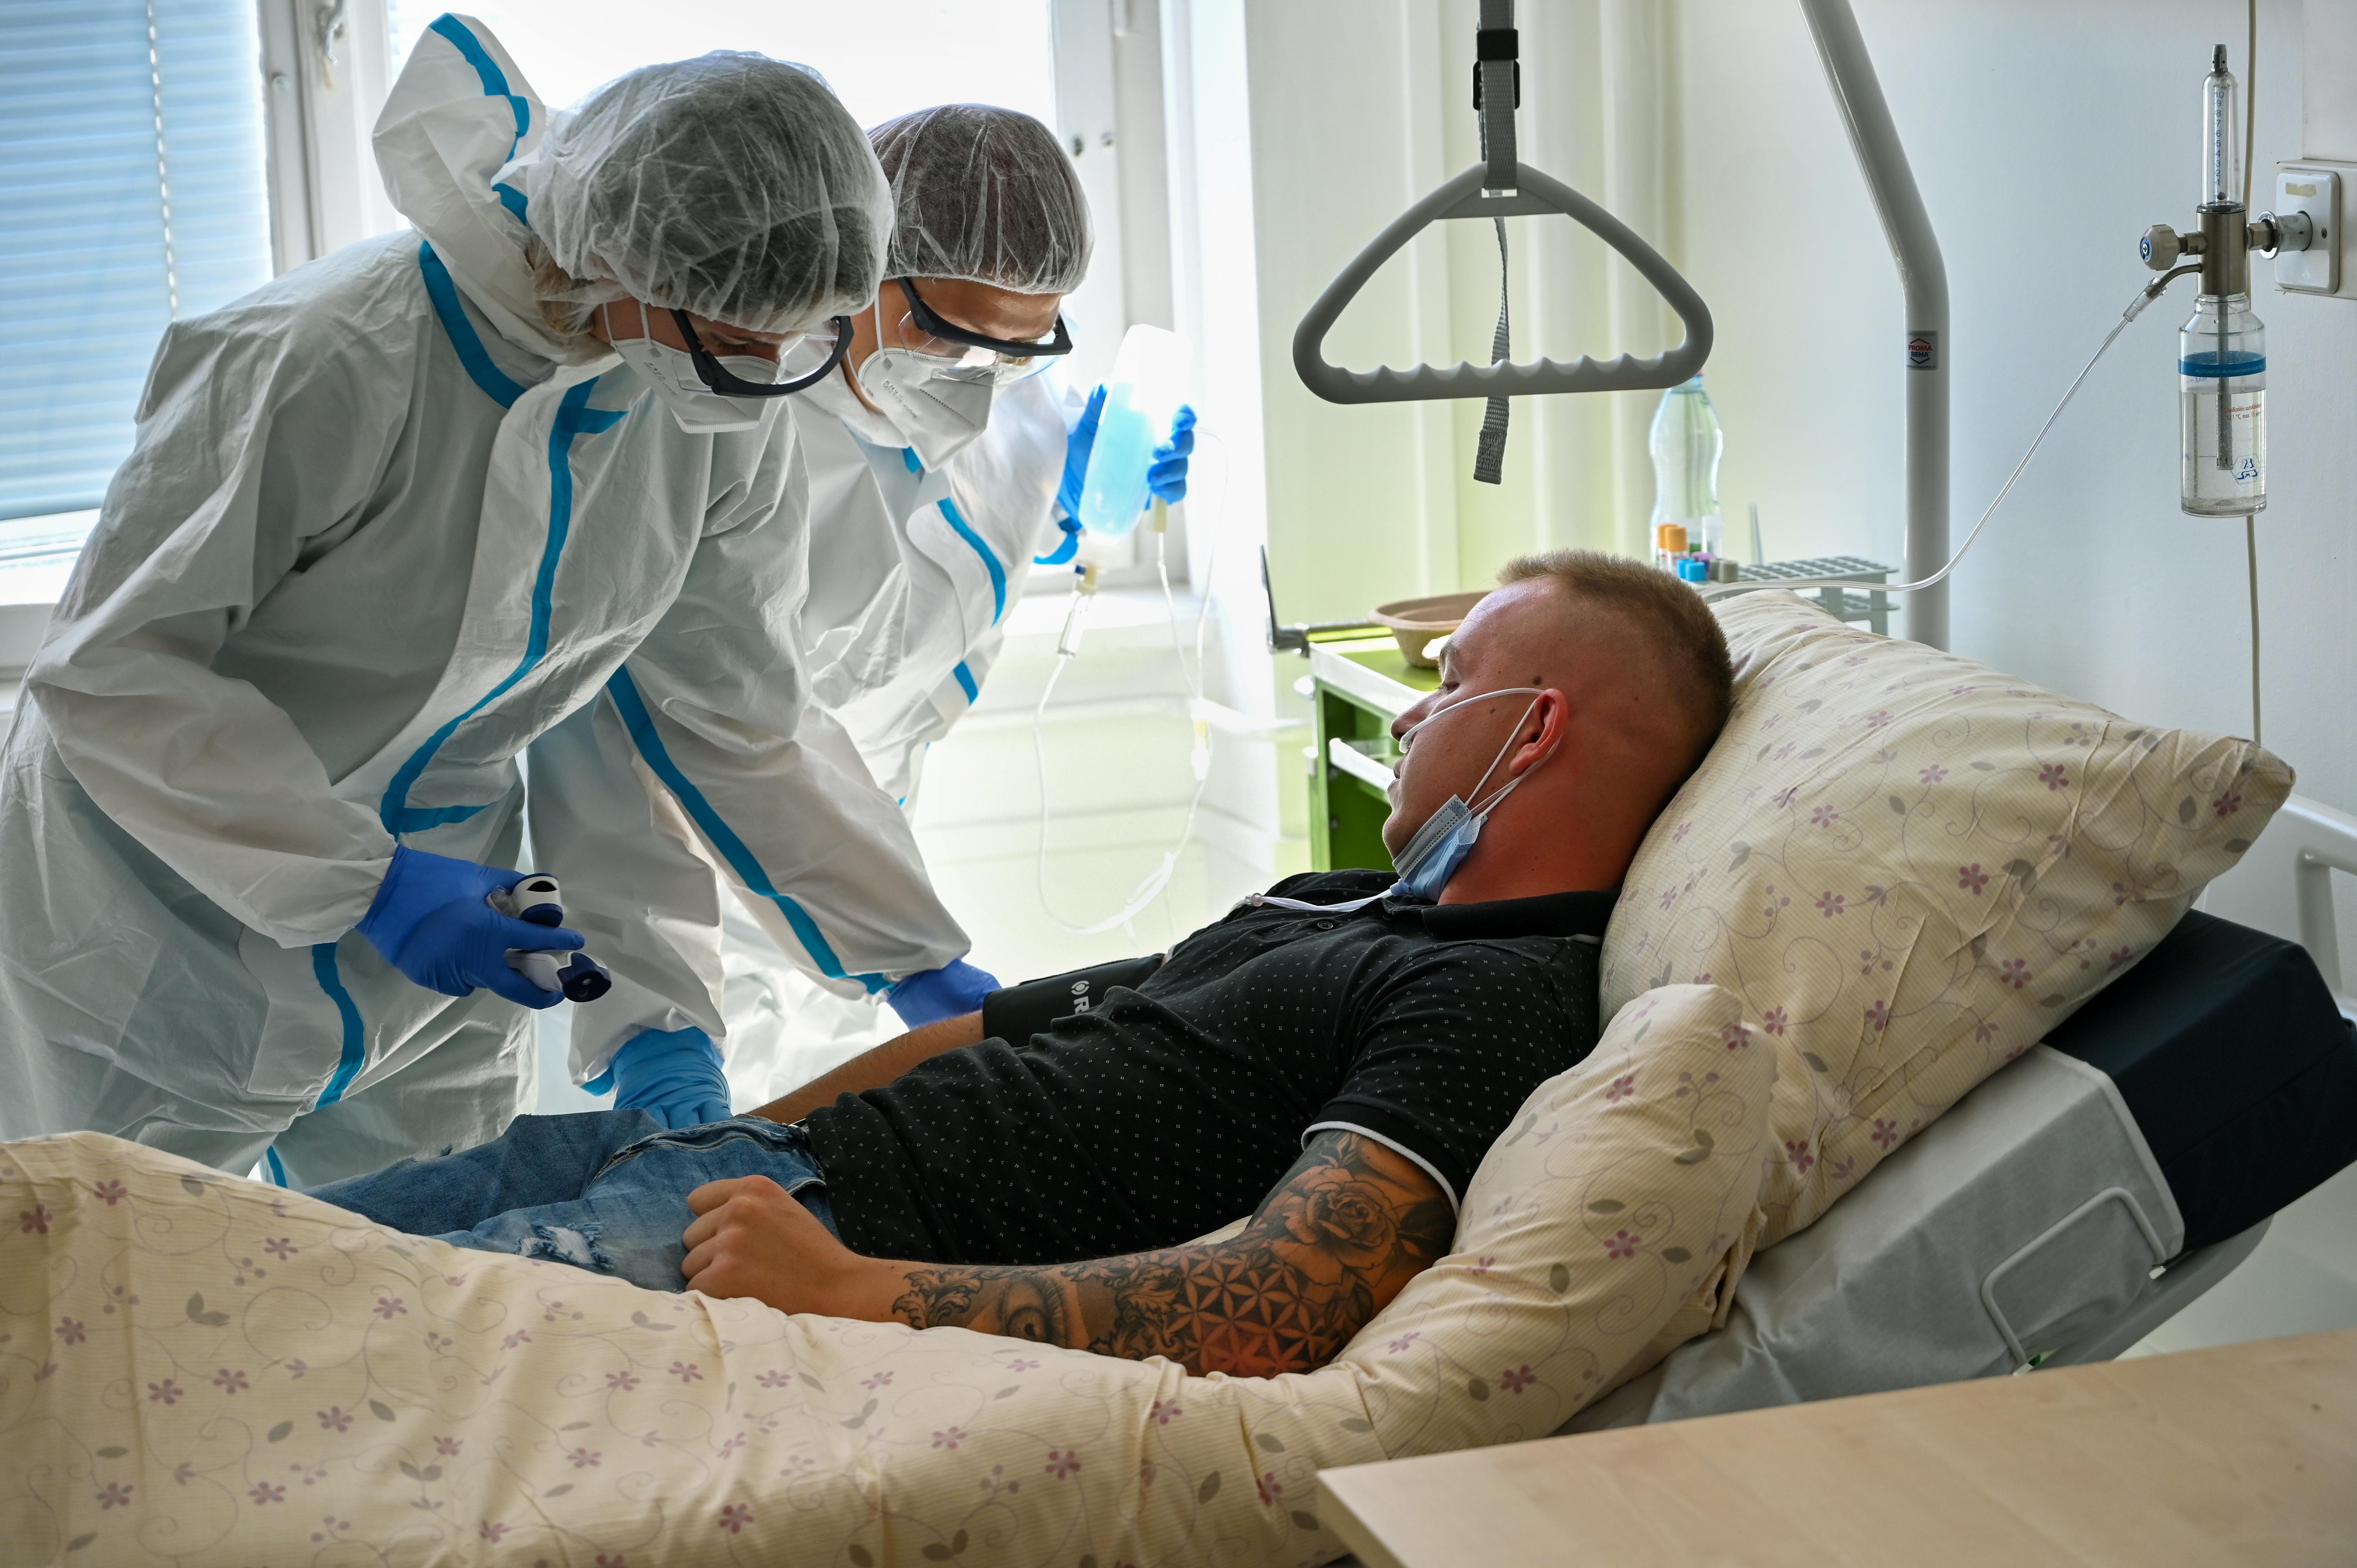 894 új fertőzött van, meredeken emelkedik a kórházban ápolt betegek száma